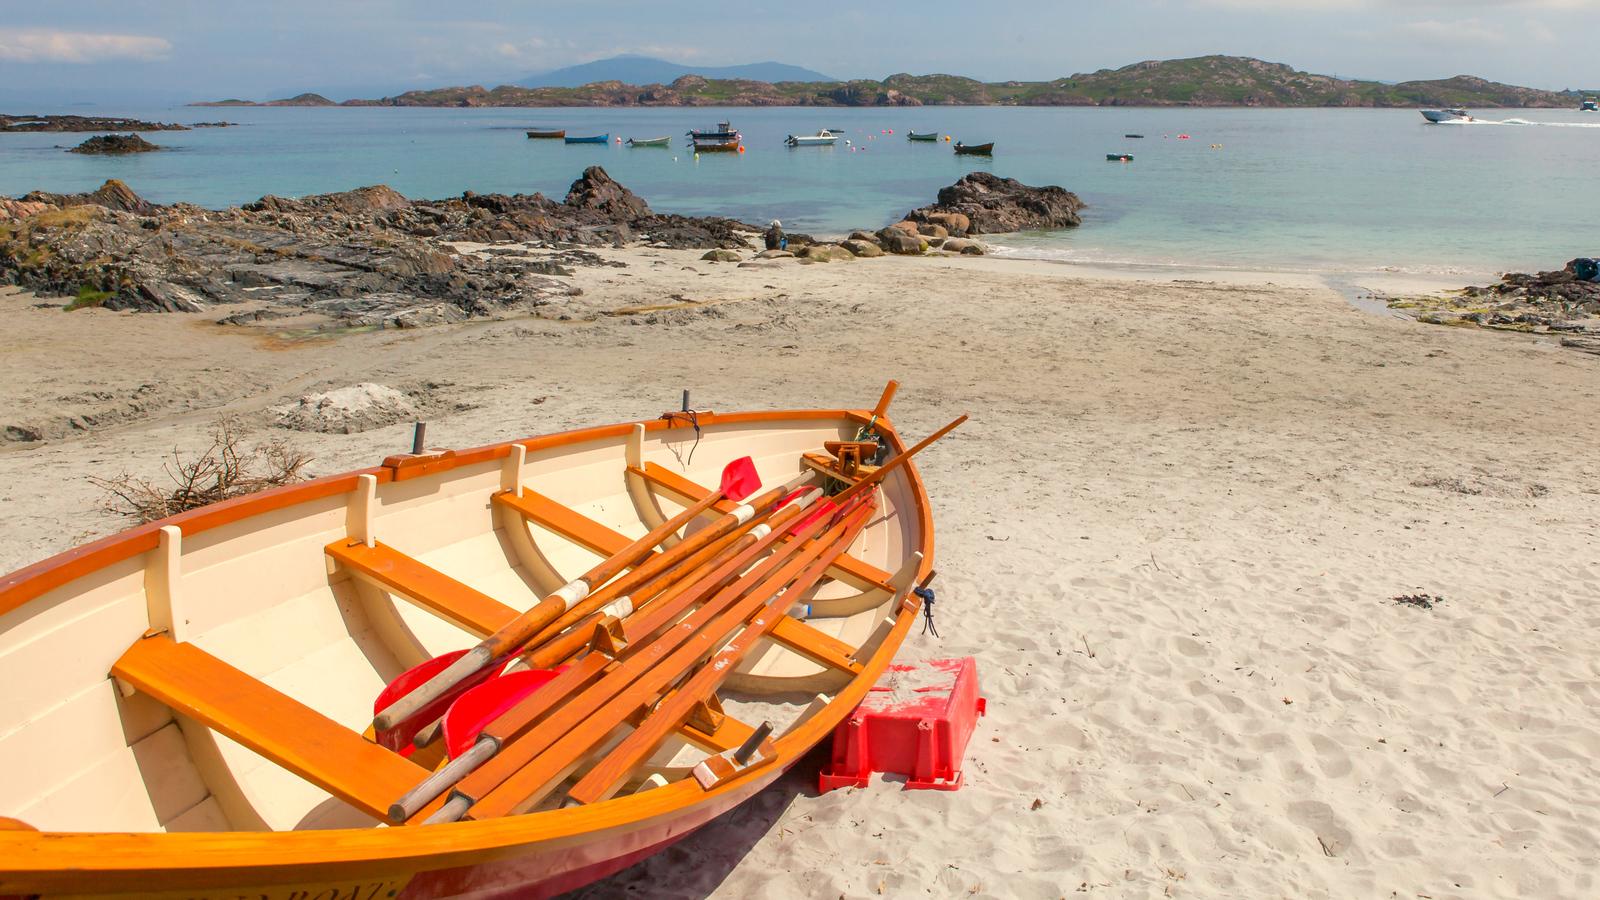 苏格兰见闻,海边的小红船